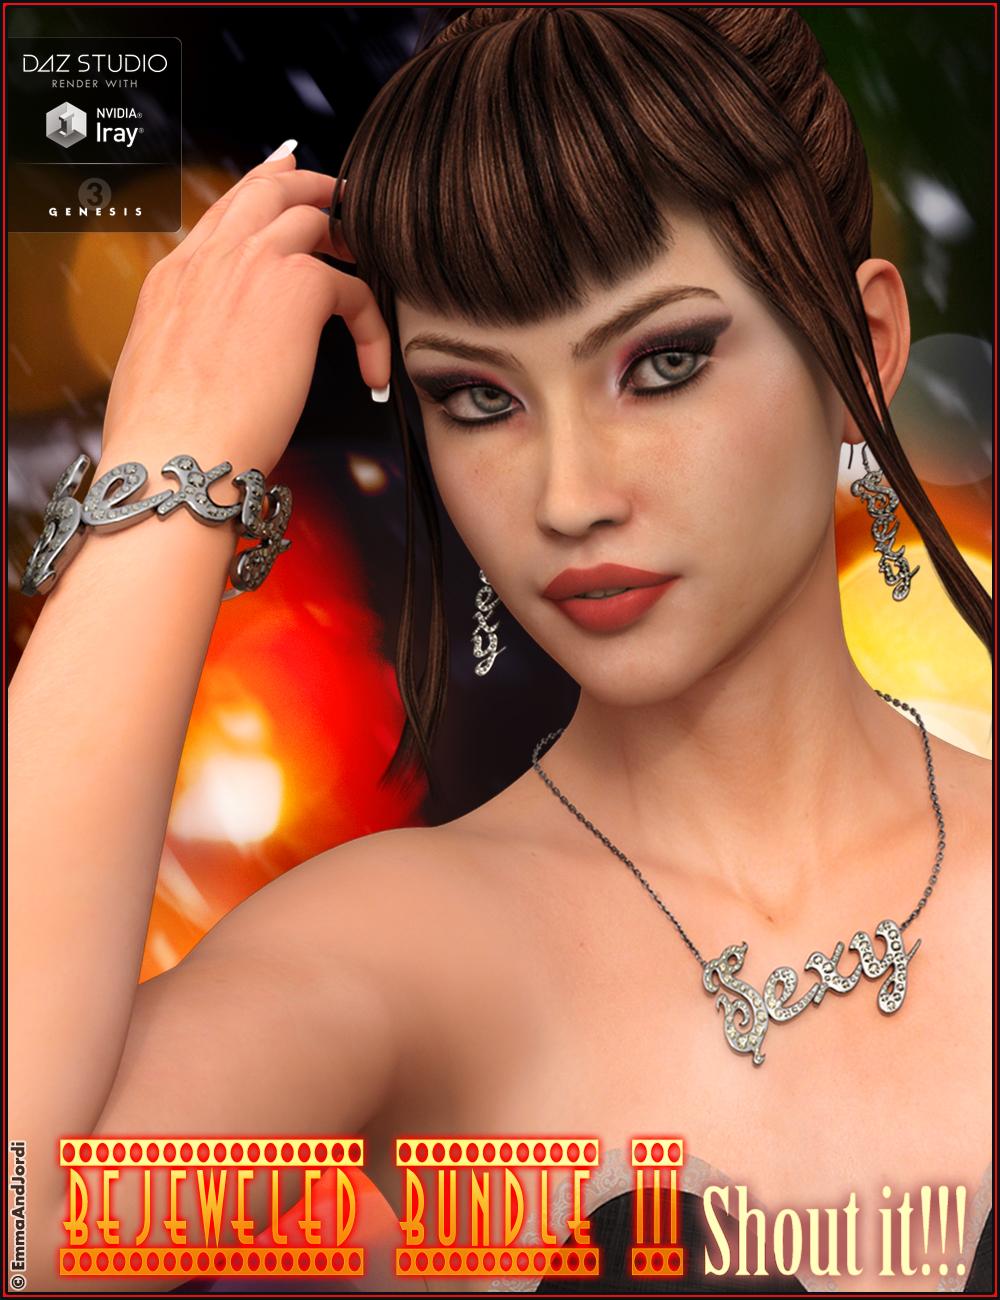 Bejeweled Bundle 3: Shout It by: EmmaAndJordi, 3D Models by Daz 3D